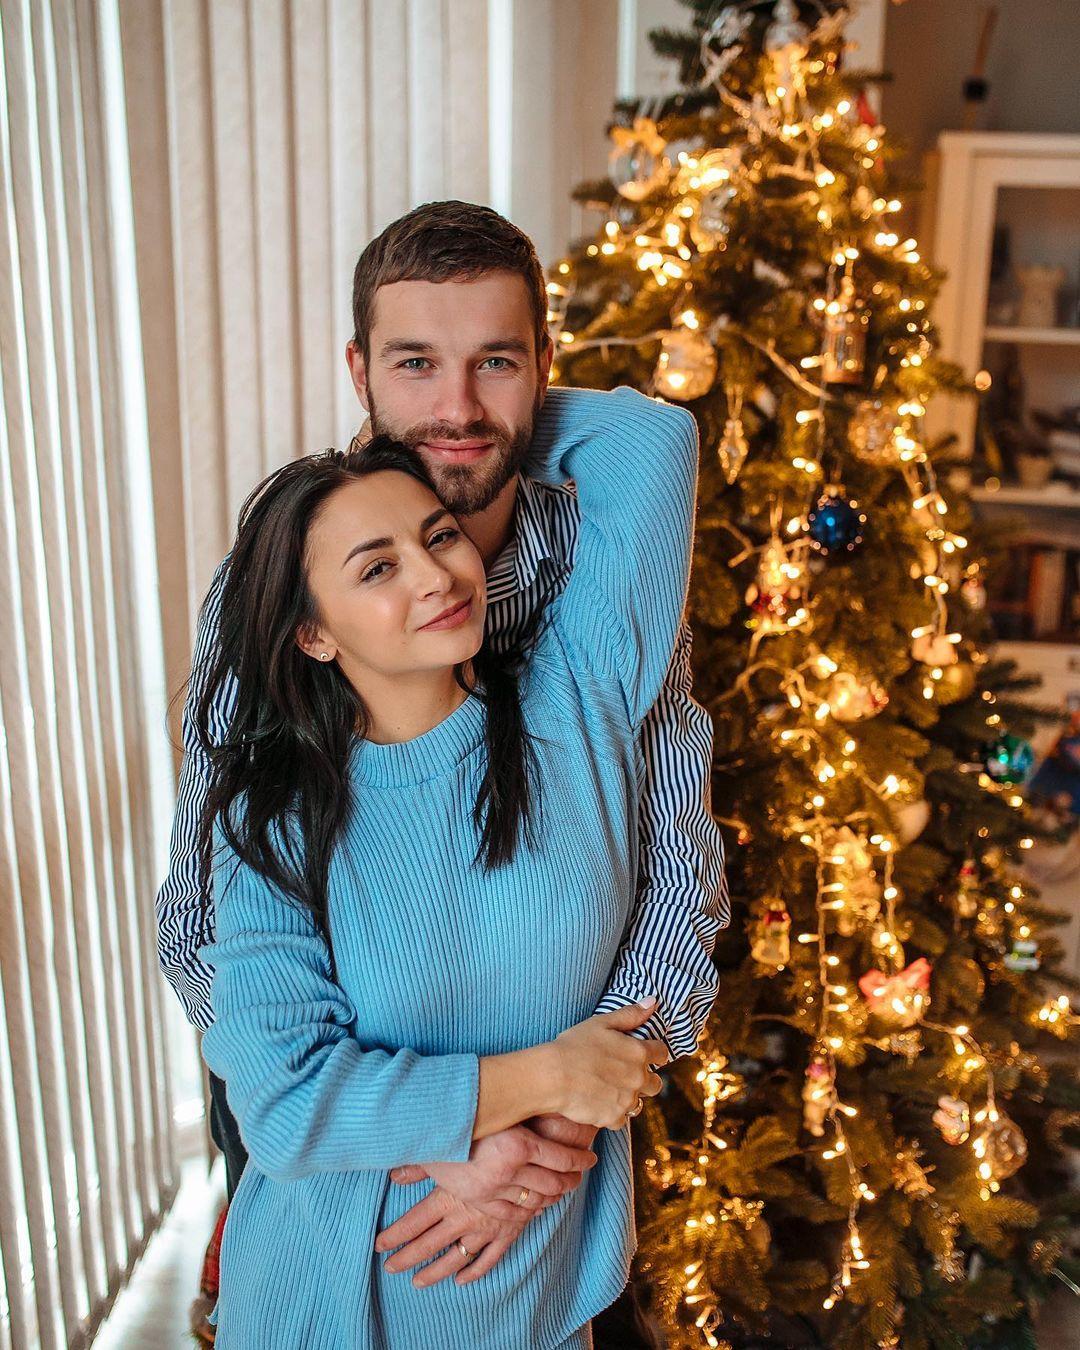 Главное, чтобы было приятно: Илона Гвоздева посоветовала, что подарить мужчине на Новый год